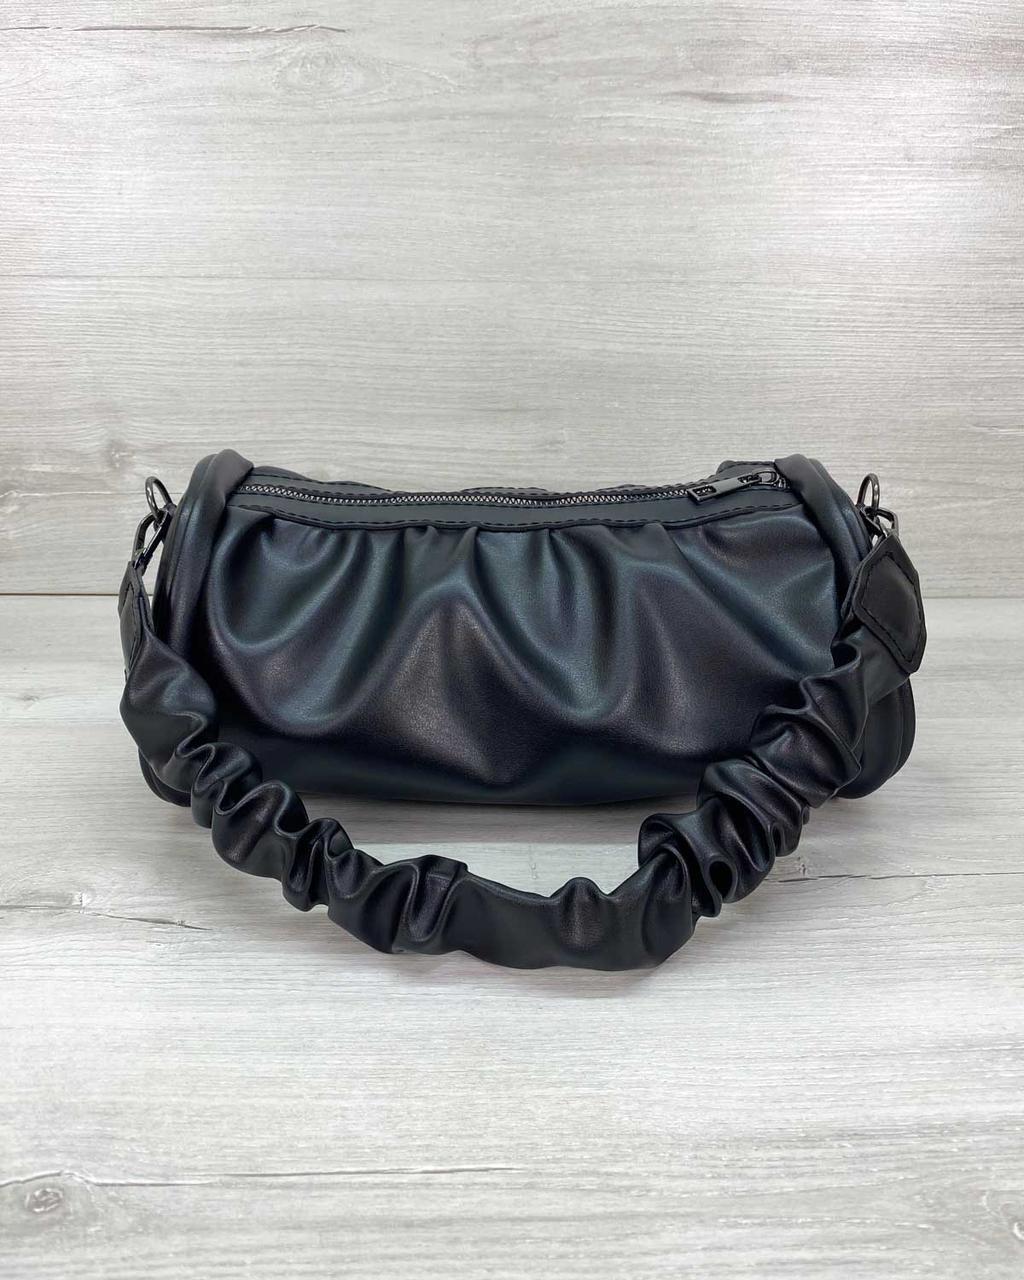 Чорна м'яка жіноча сумочка на довгому ремінці компактна